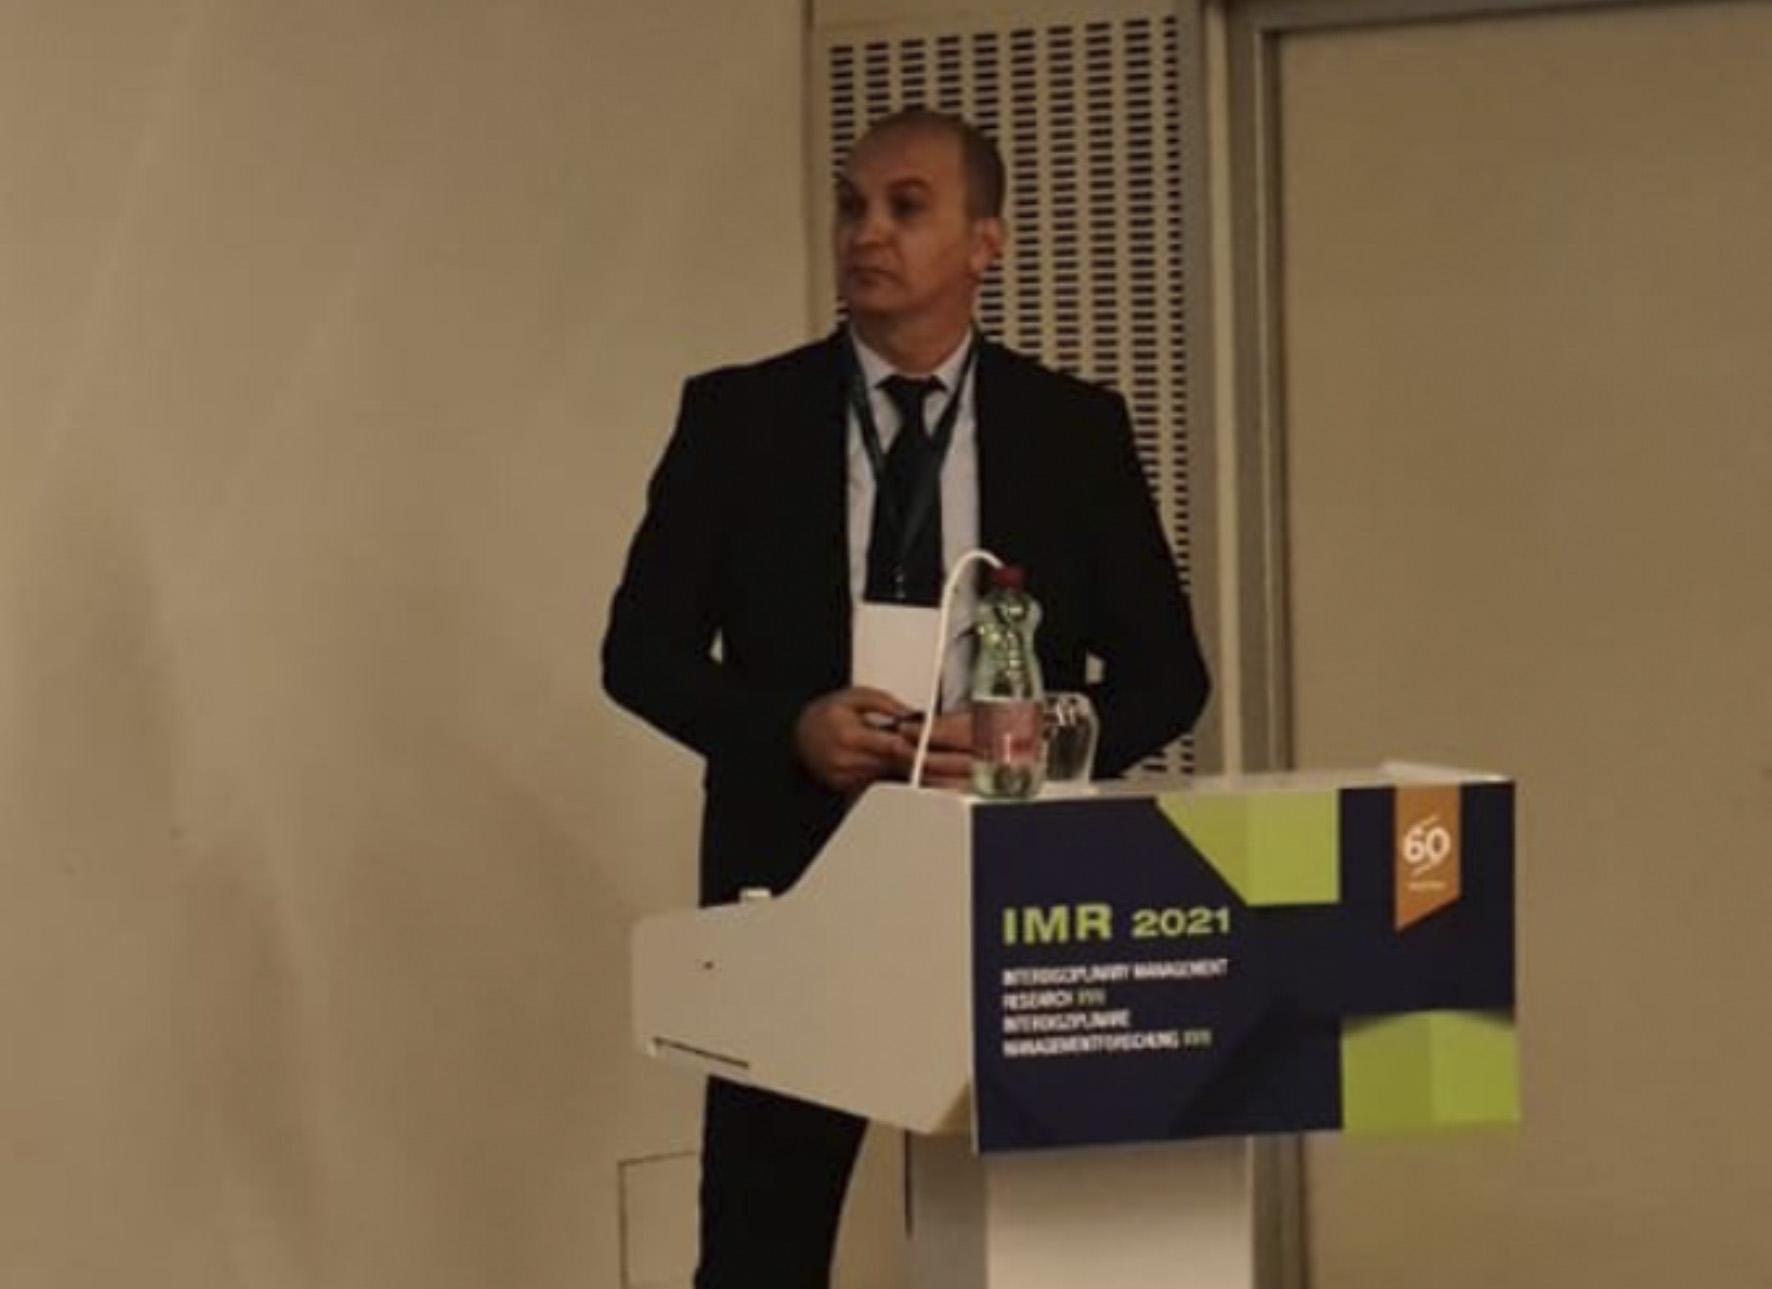 Promocija knjige doc. dr. Kenana Mahmutovića i sudjelovanje na IMR 2021